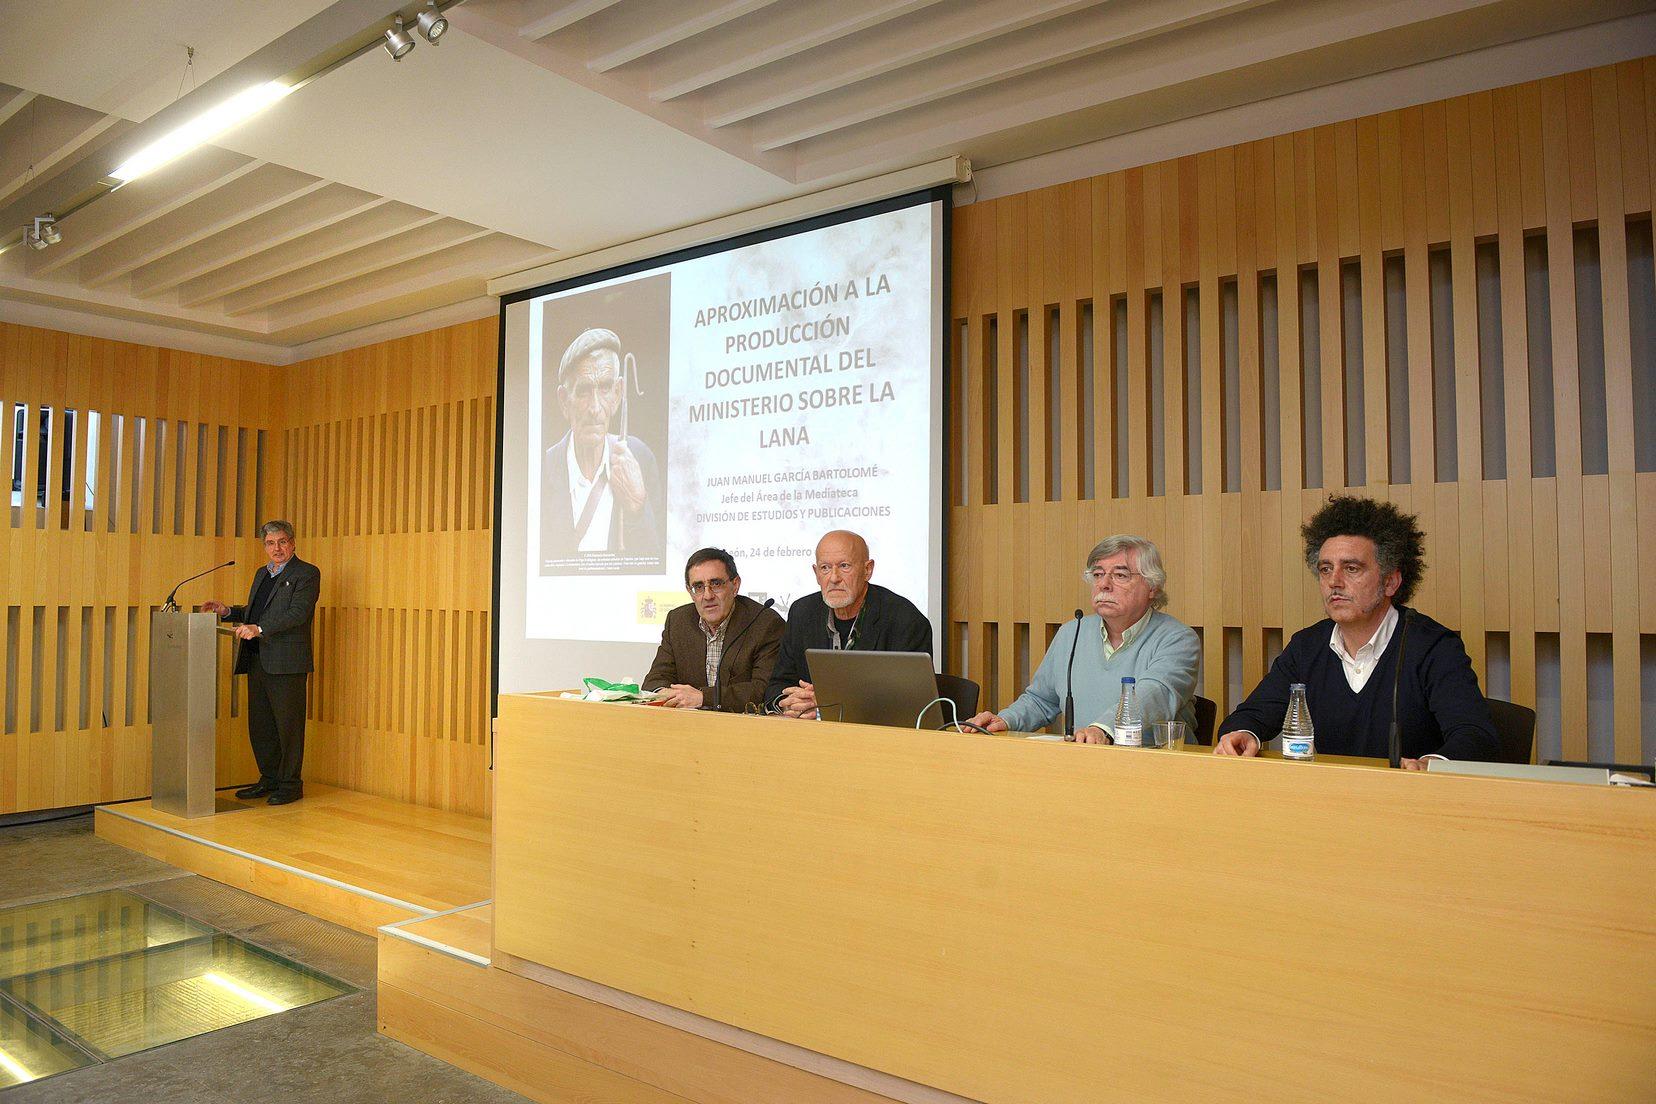 Presentacion-participantes-del-foro-sobre-la-lana-merina-y-la-trashumancia-por-el-patrono-de-la-fundacion-Sierra-Pambley